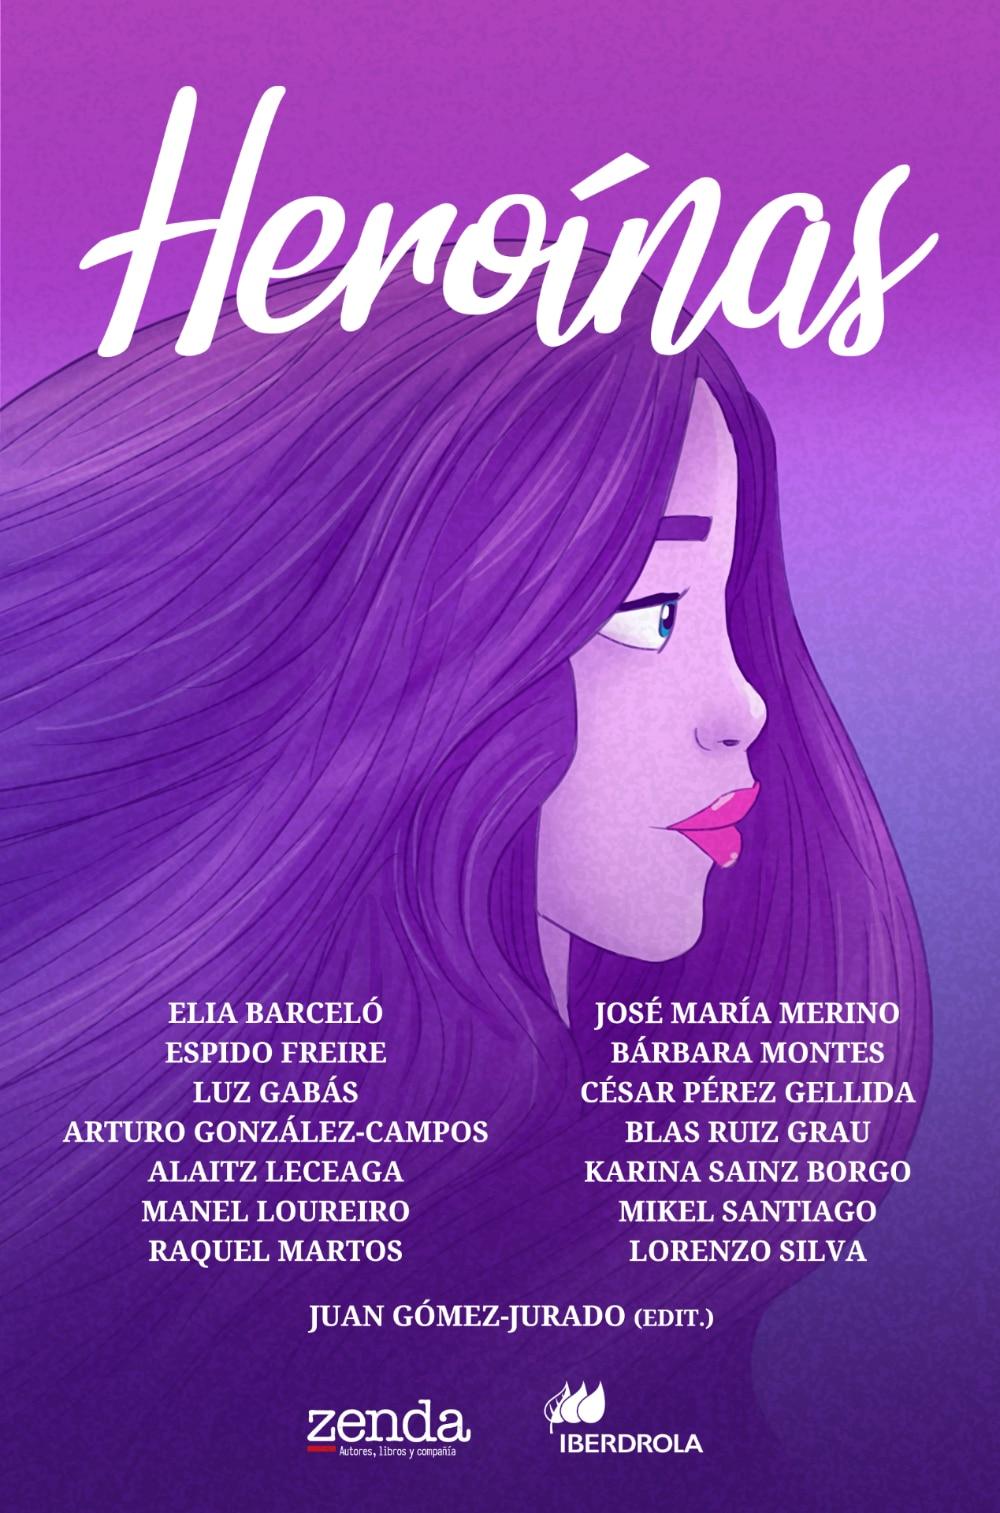 Nuevo libro gratuito de Zenda: #Heroínas editado por  @juangomezjurado  y patrocinado por  @iberdrola